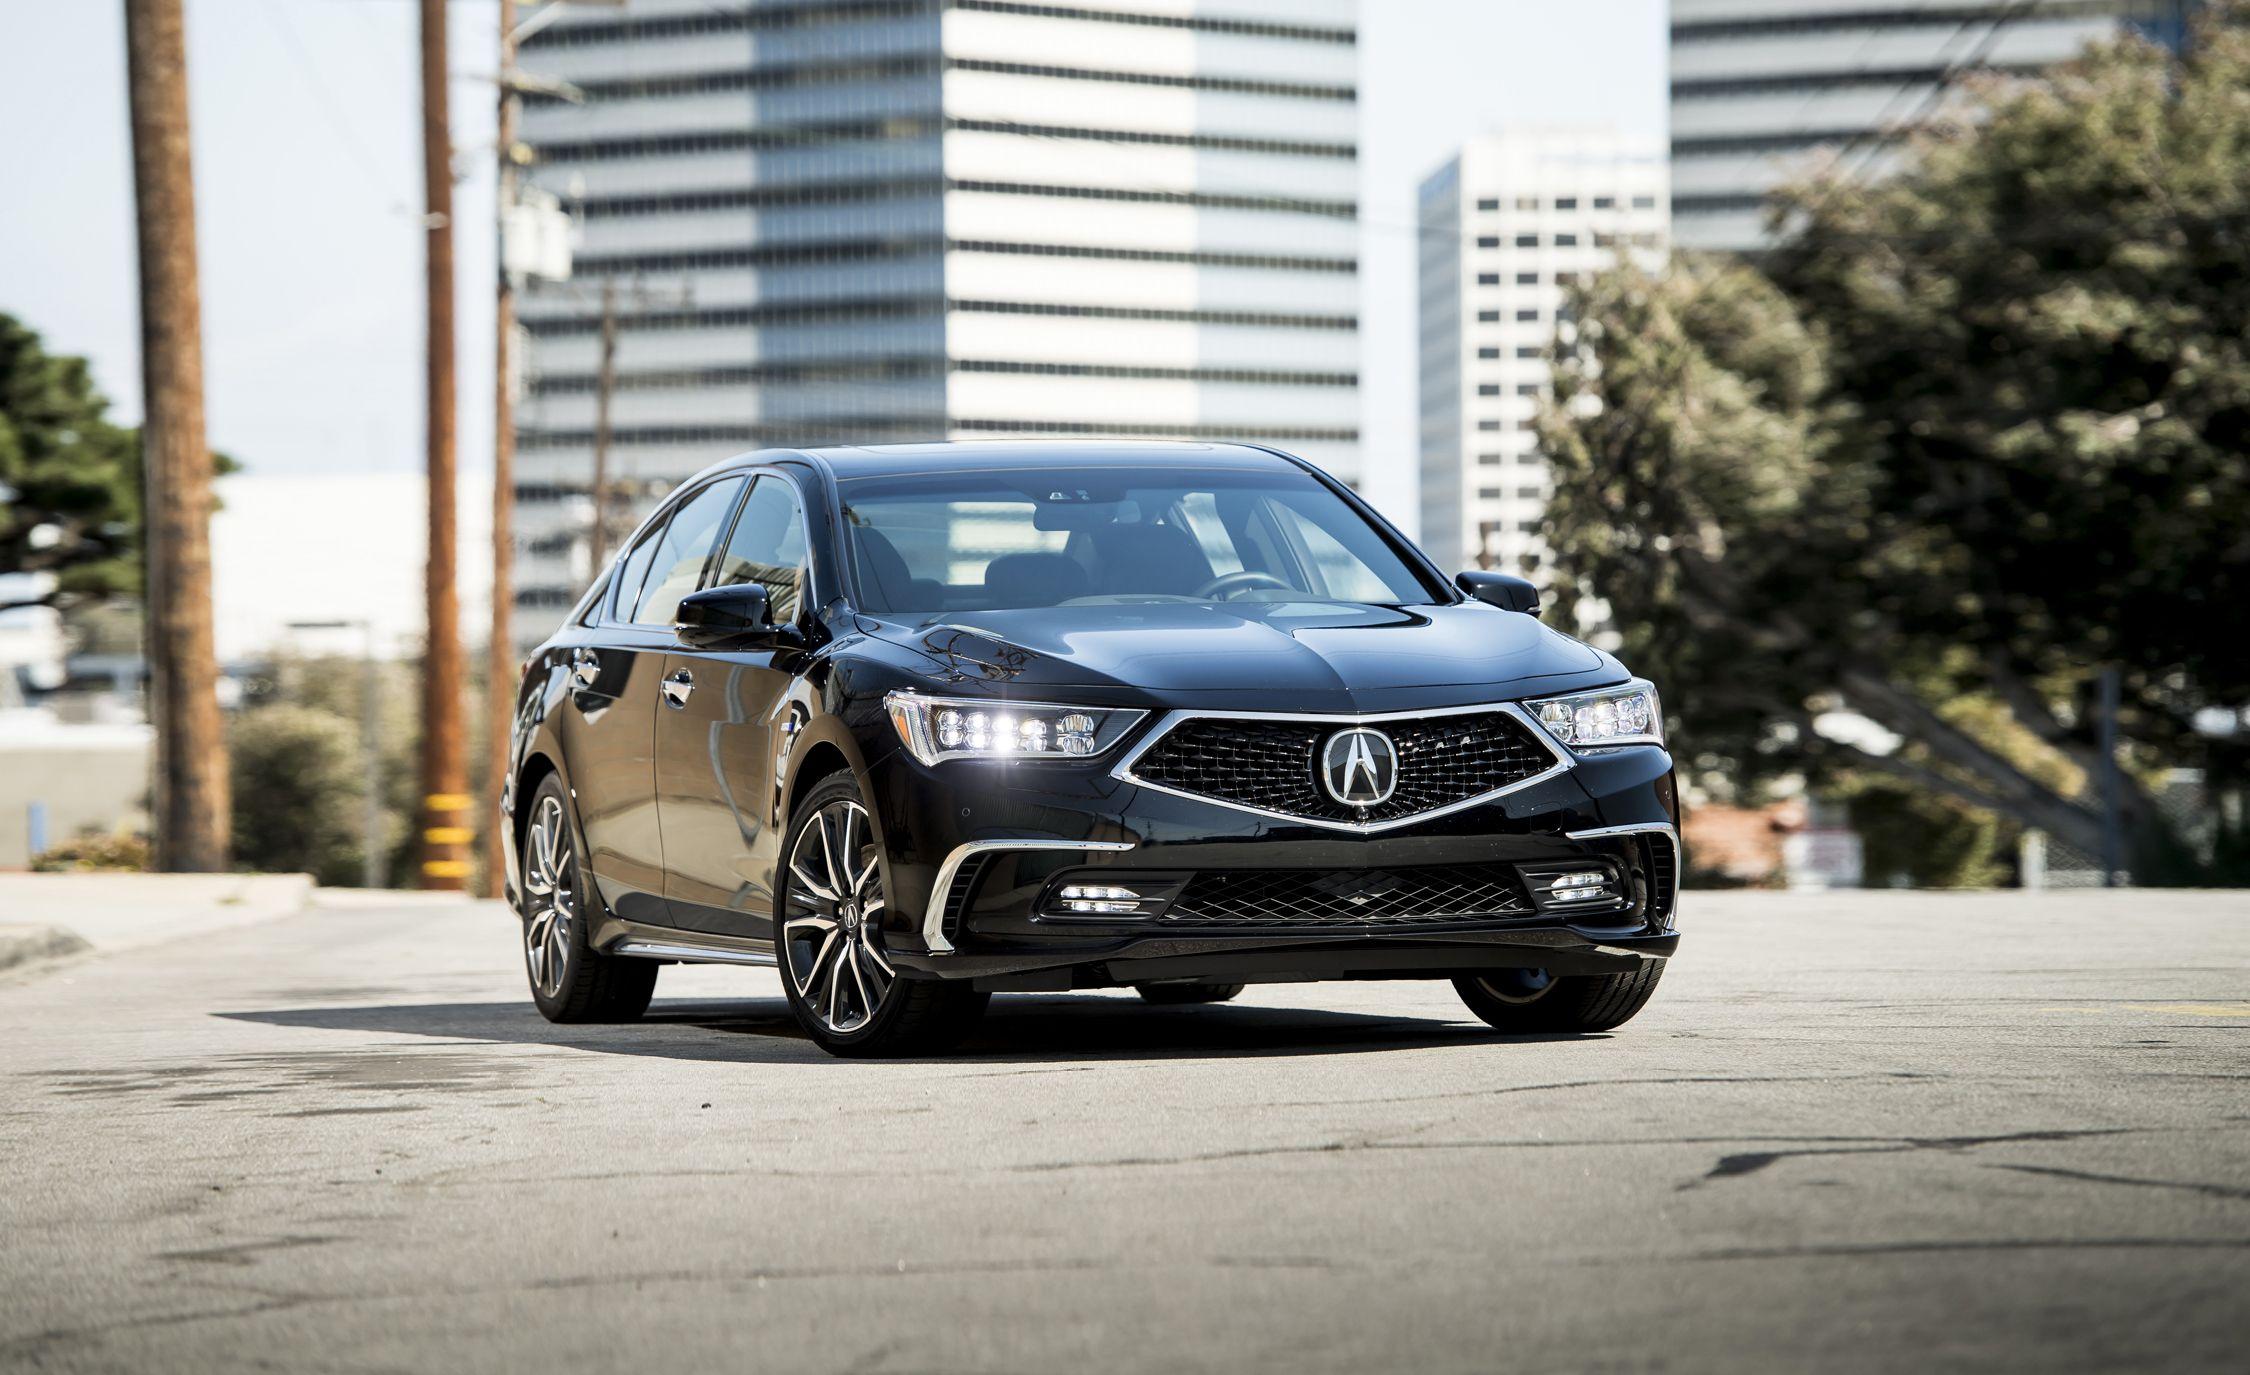 Acura RLX Price, Photos, And